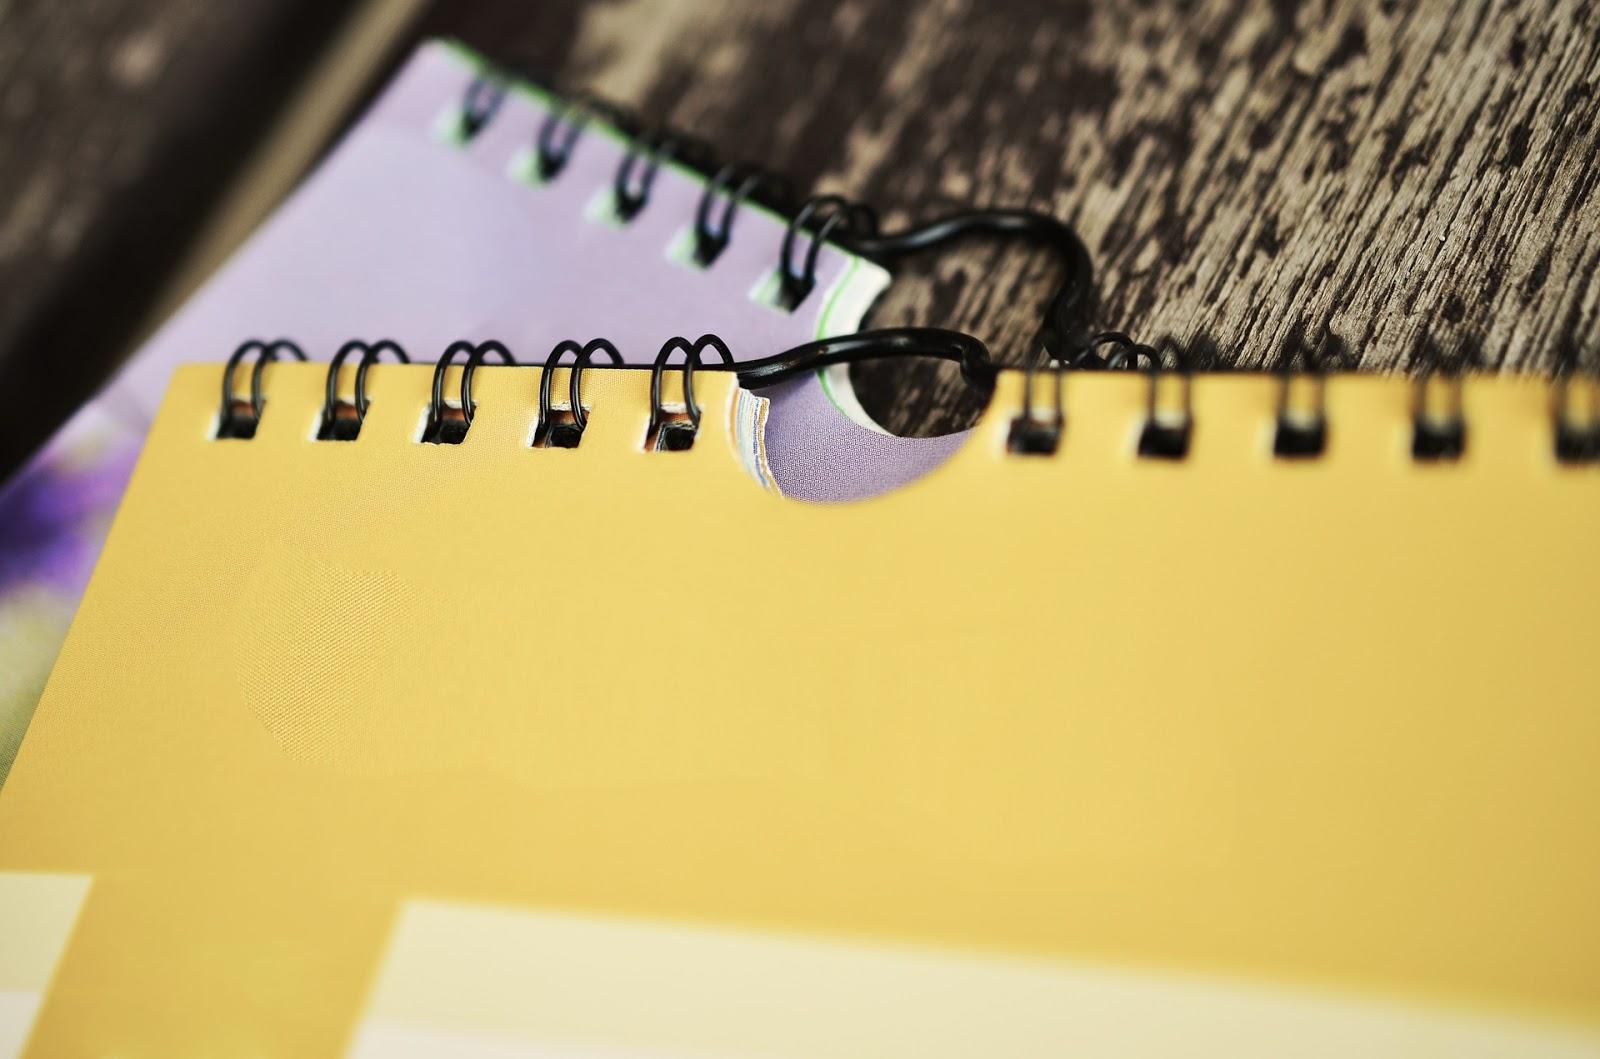 postanowienia noworoczne notes do planowania